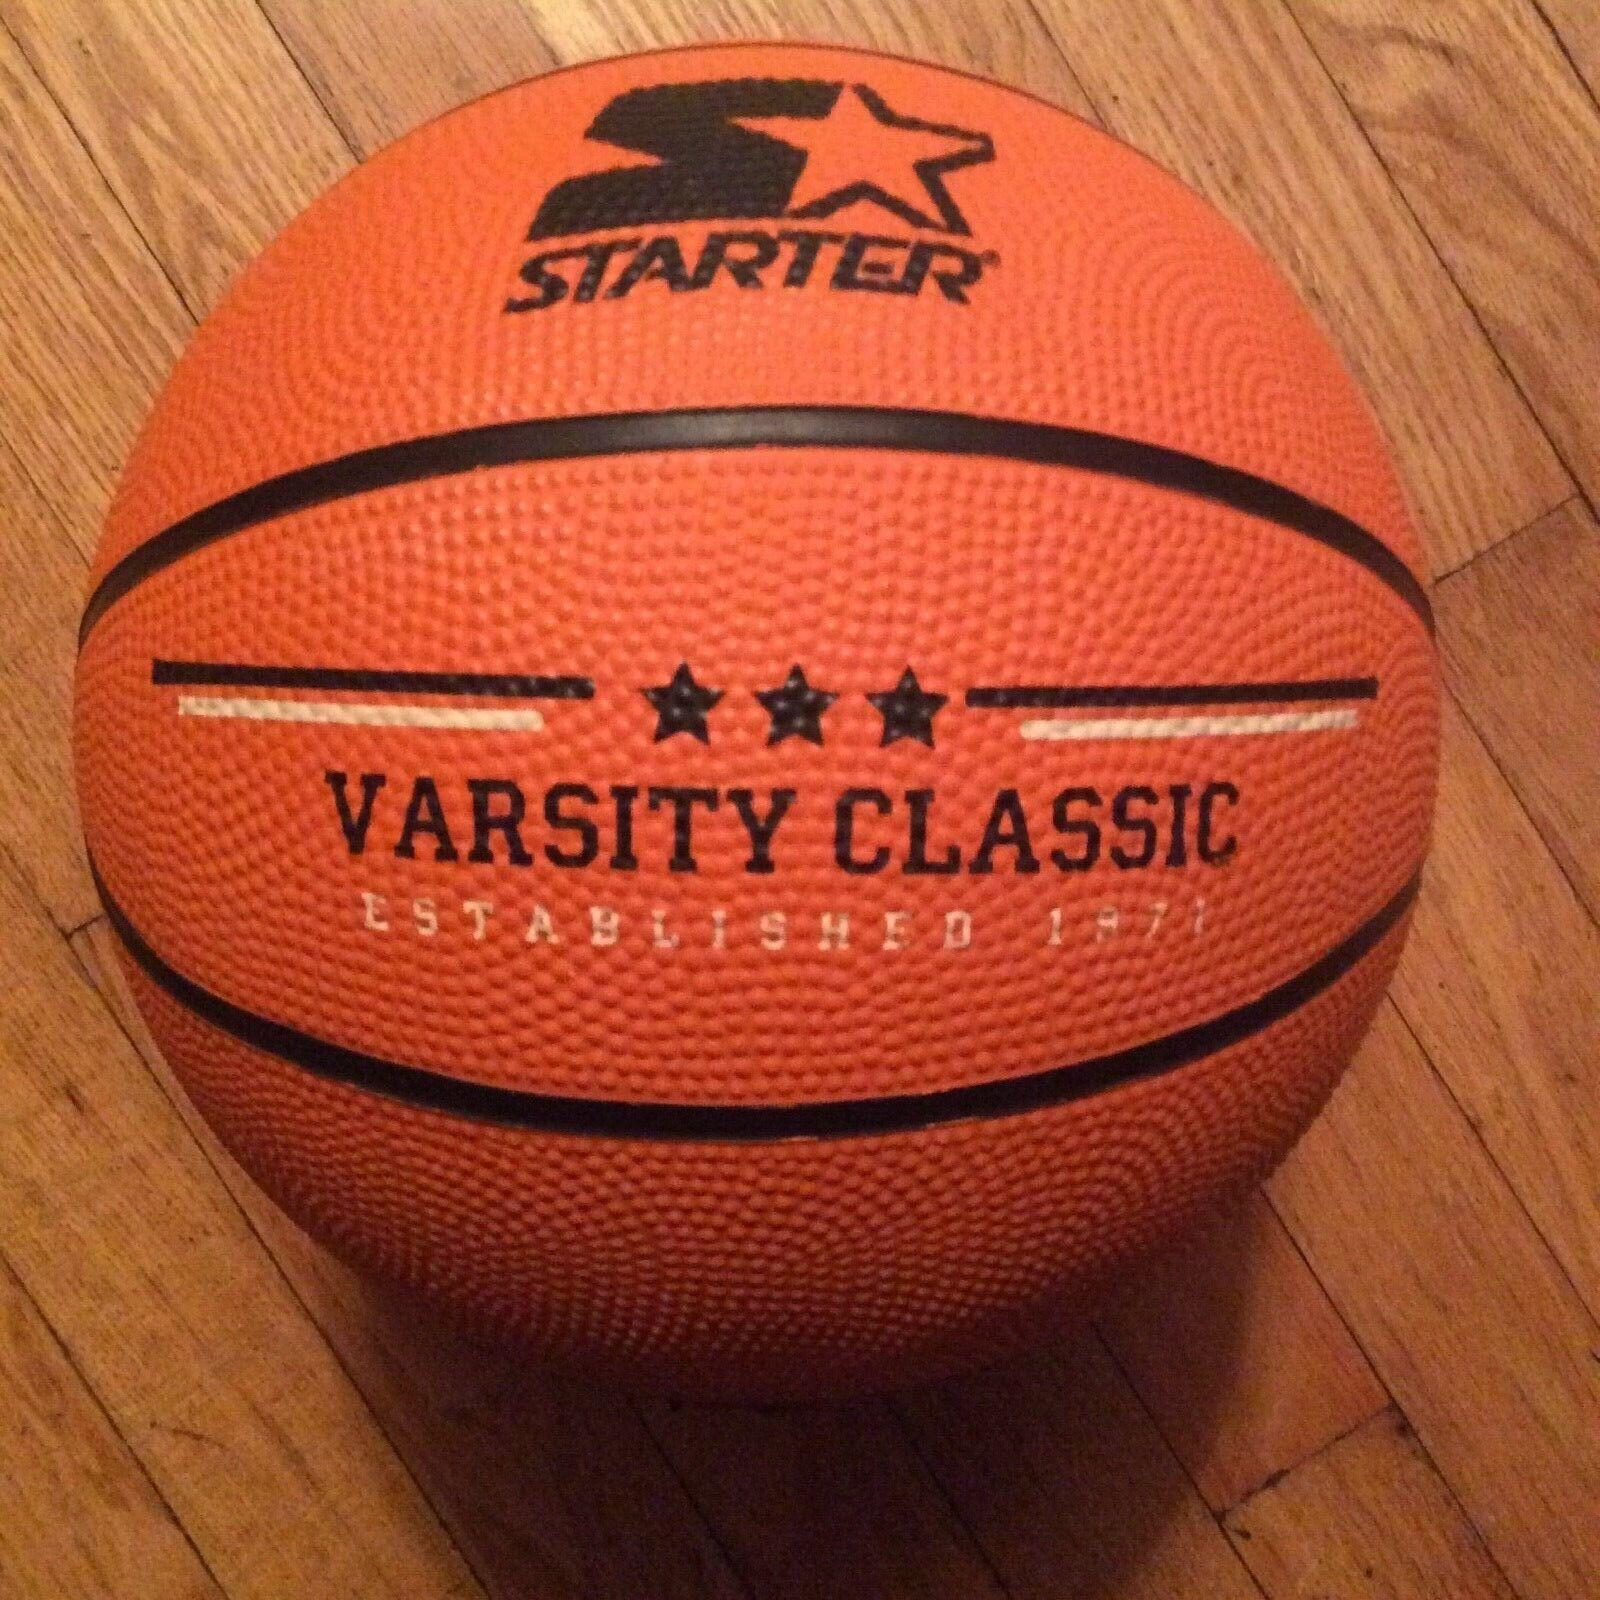 STARTER BRAND FULL SIZE BASKETBALL, (VARSITY CLASSIC) SUPER RARE, NEW